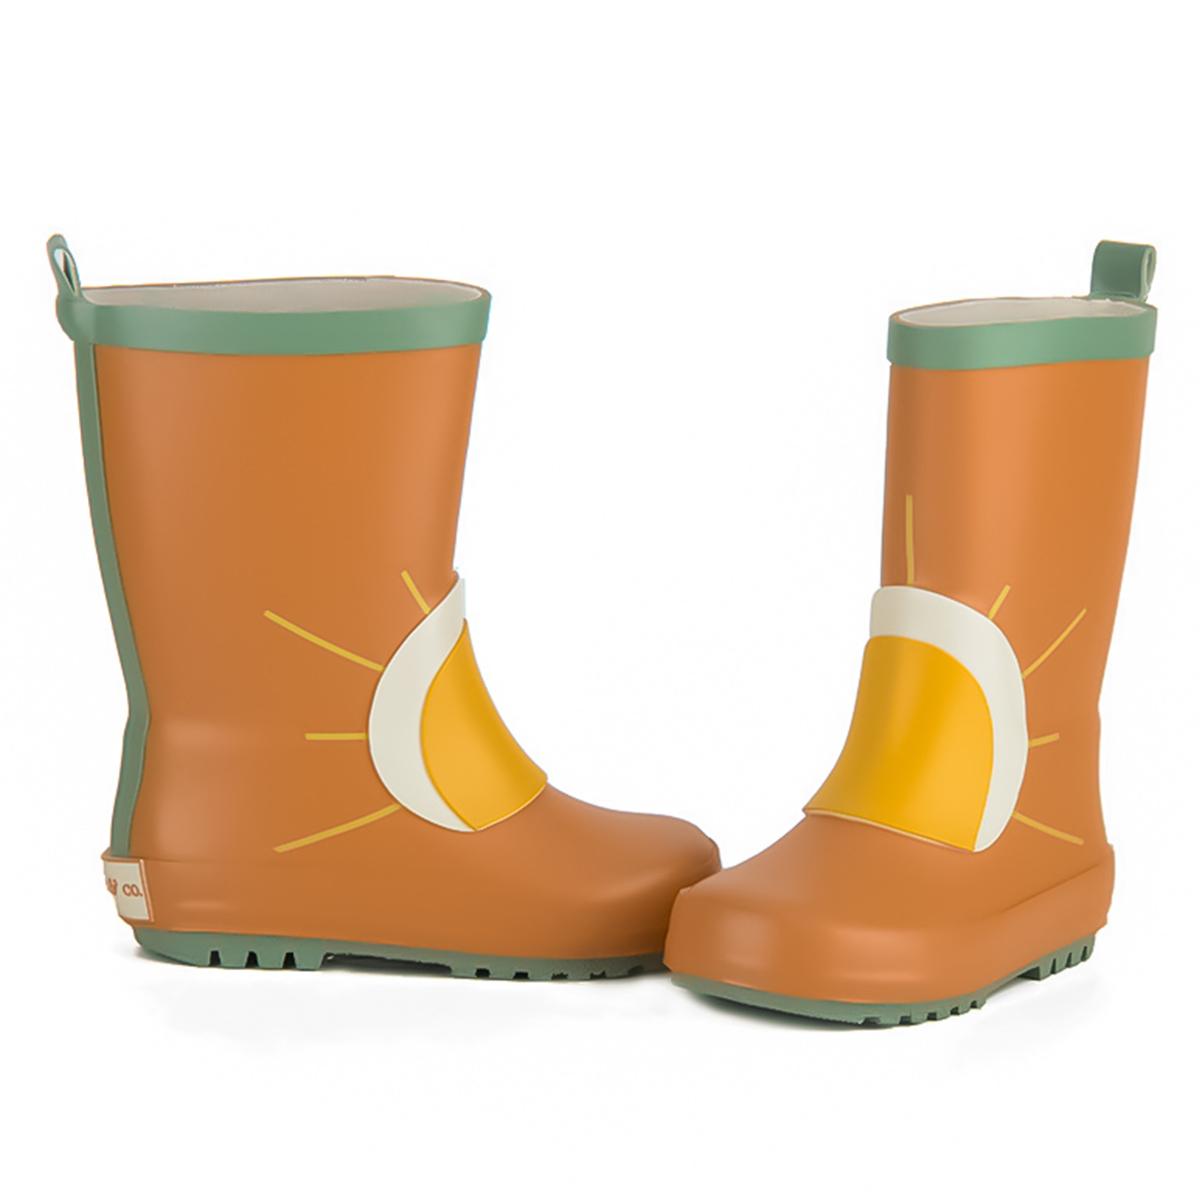 Chaussons & Chaussures Bottes de Pluie Rainbow Spice - 23 Bottes de Pluie Rainbow Spice - 23